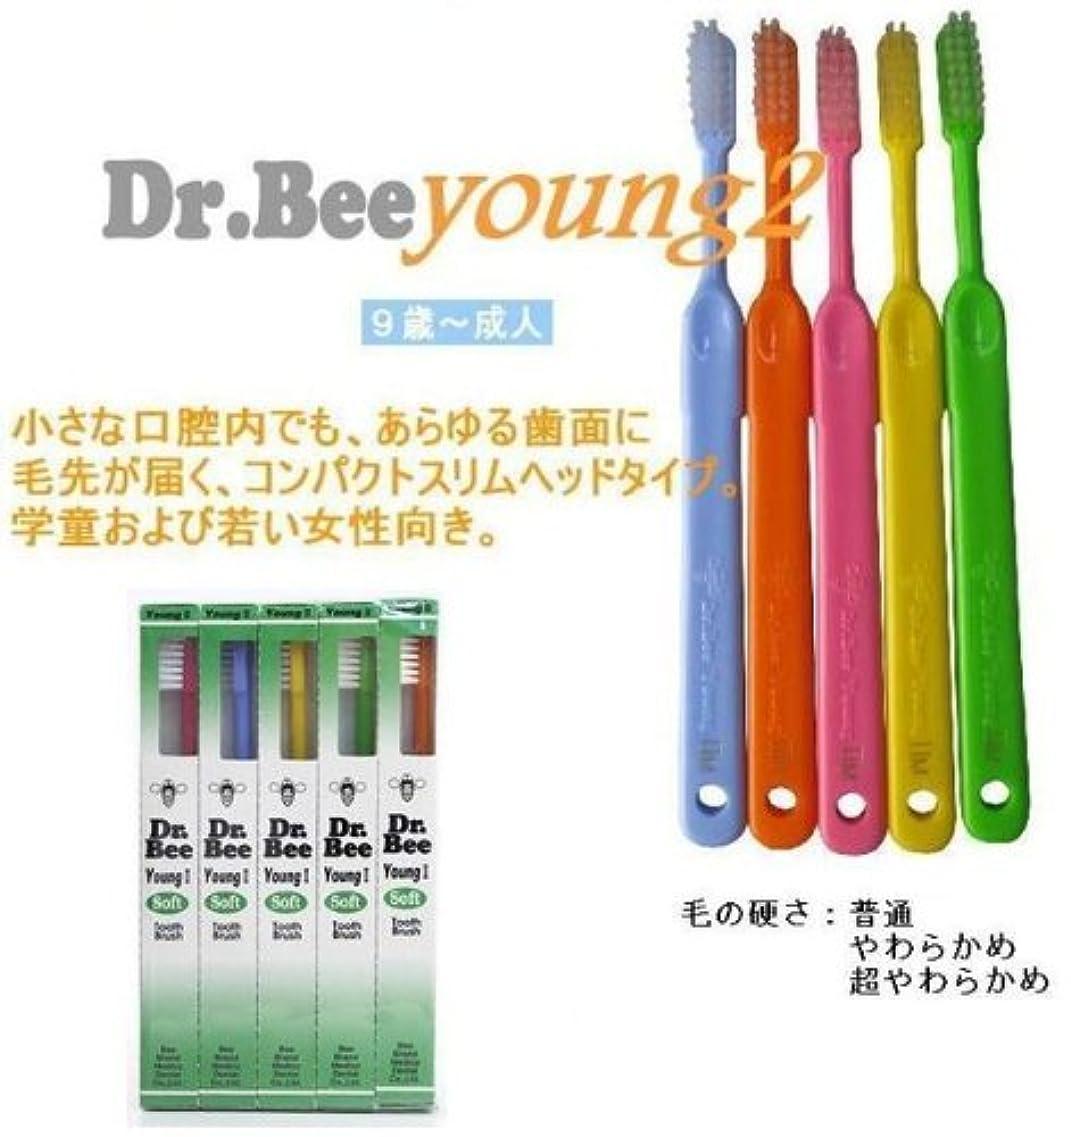 撤回するお願いします散文BeeBrand Dr.BEE 歯ブラシ ヤングII ソフト